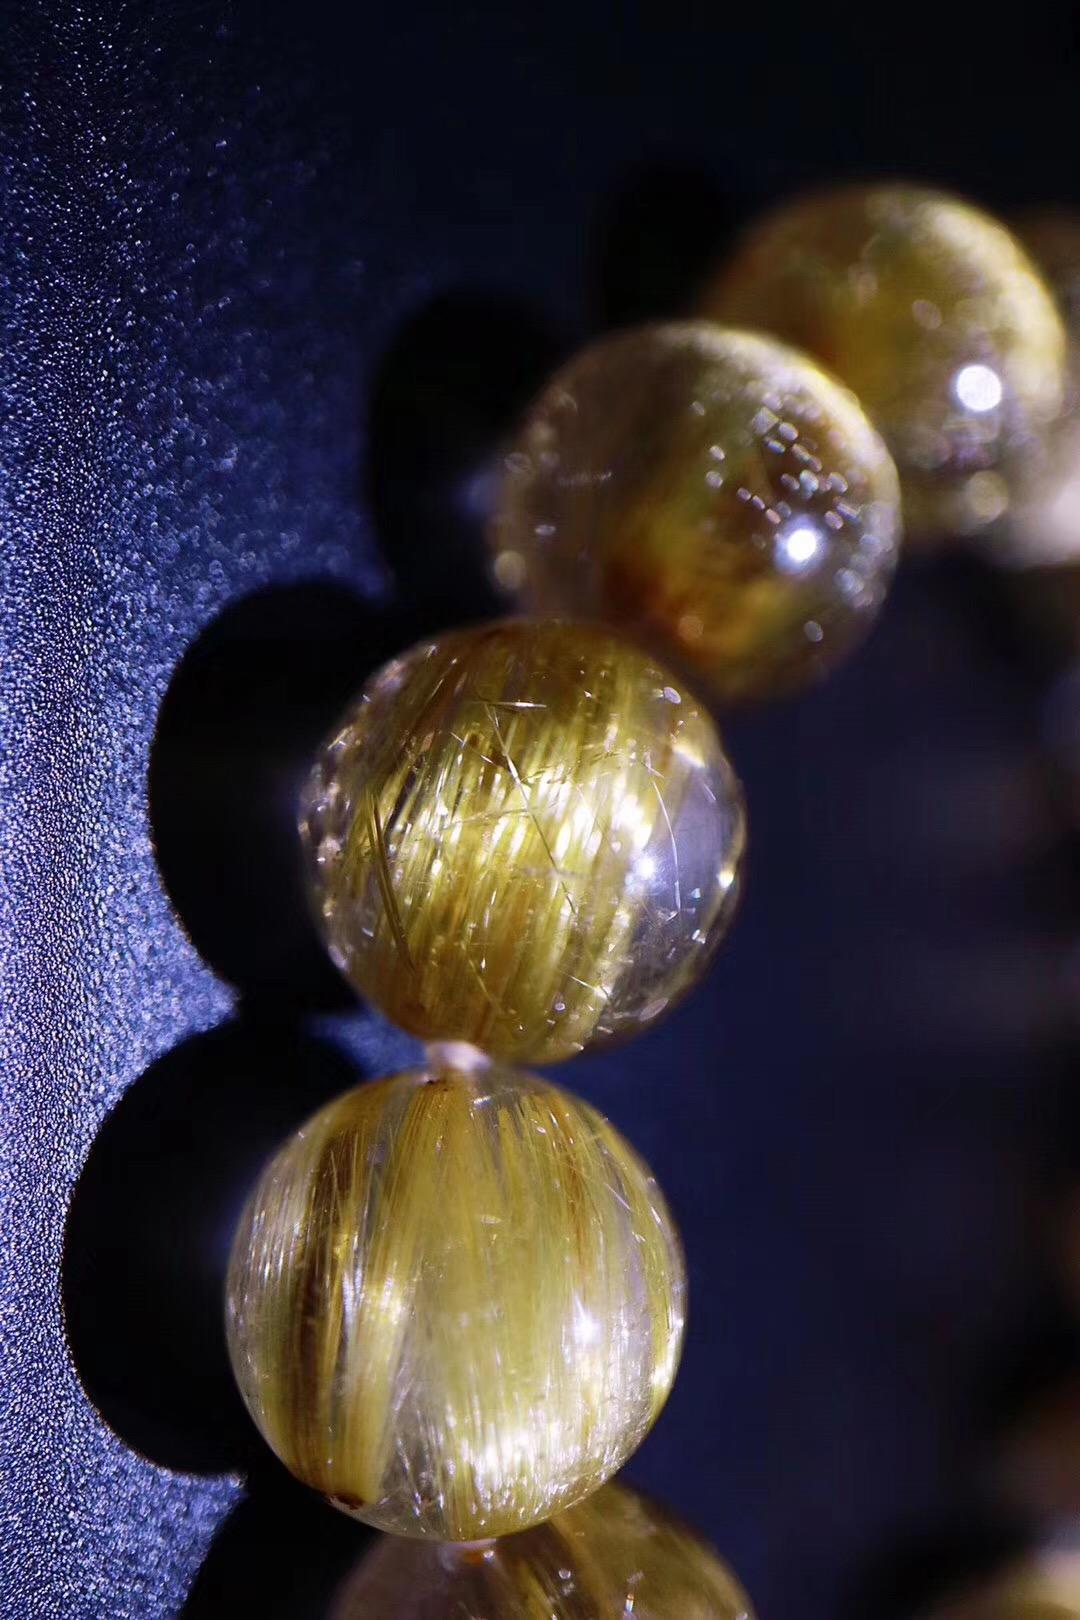 【菩心 | 钛晶】菩心的钛晶,总是秀色可餐的-菩心晶舍